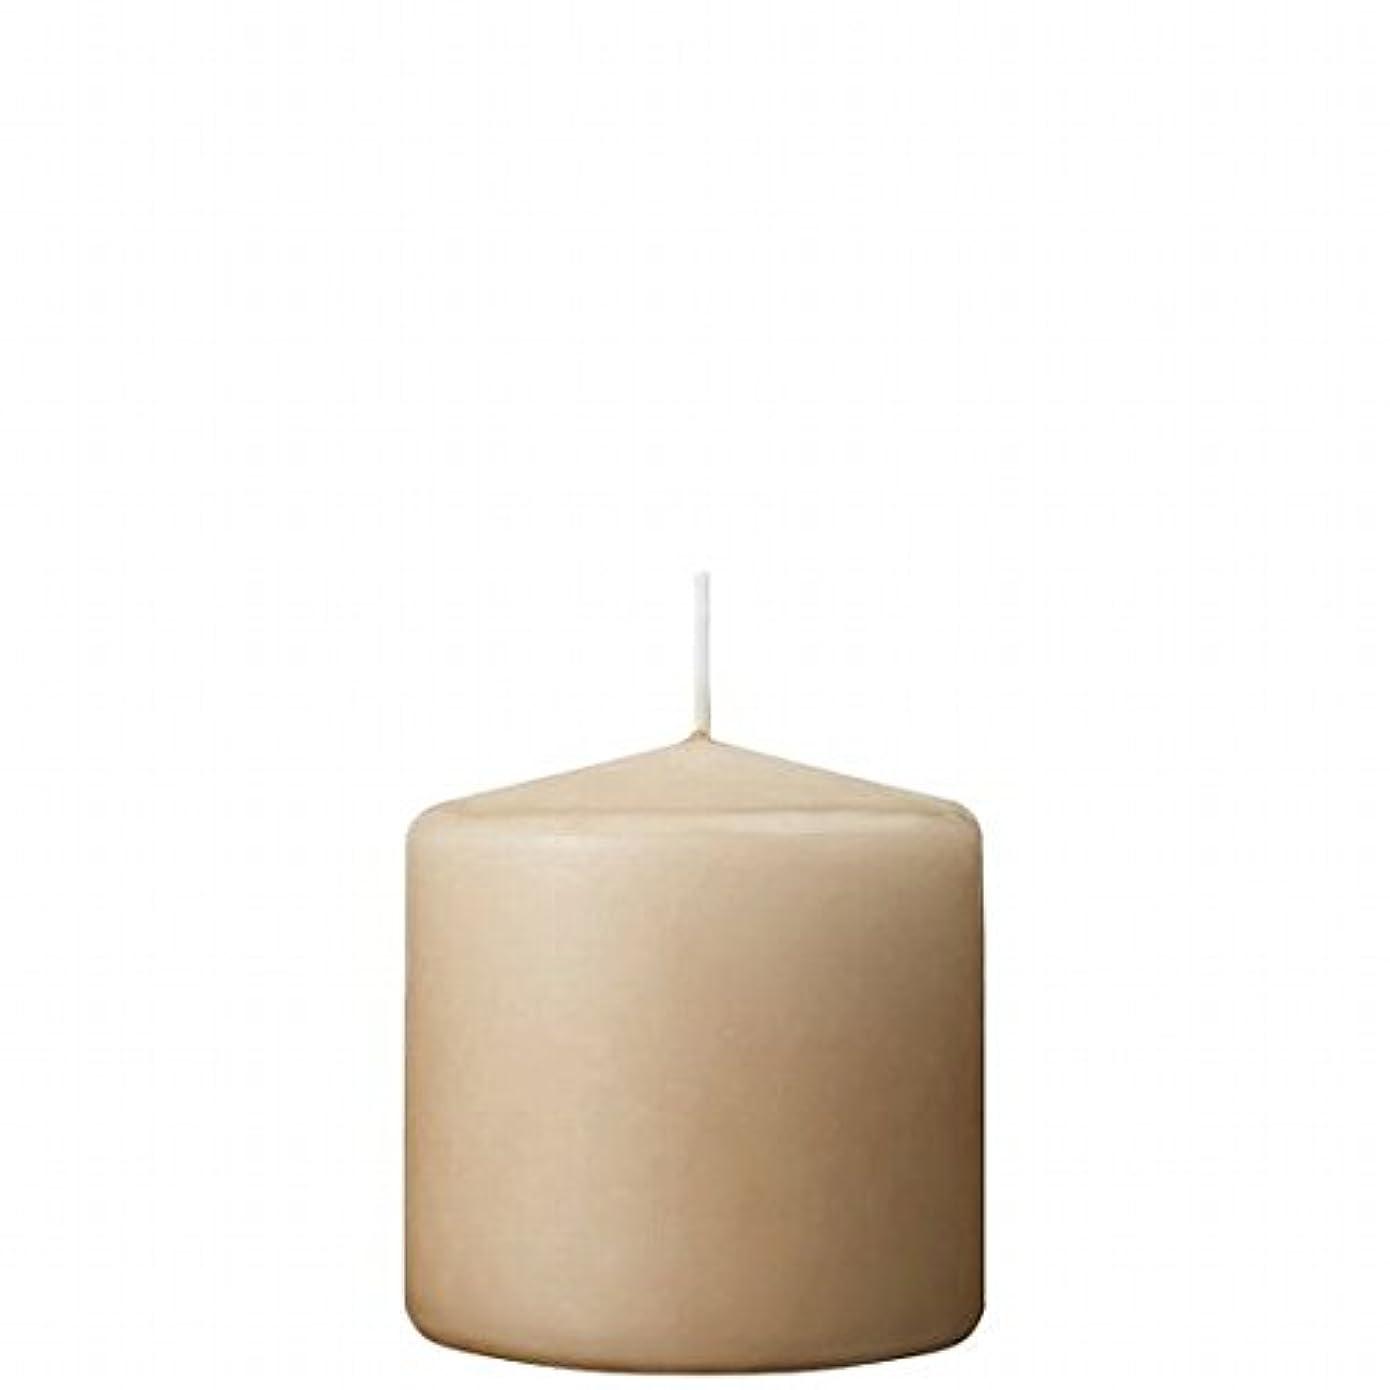 しょっぱい突っ込むつなぐkameyama candle(カメヤマキャンドル) 3×3ベルトップピラーキャンドル 「 ベージュ 」(A9730000BG)